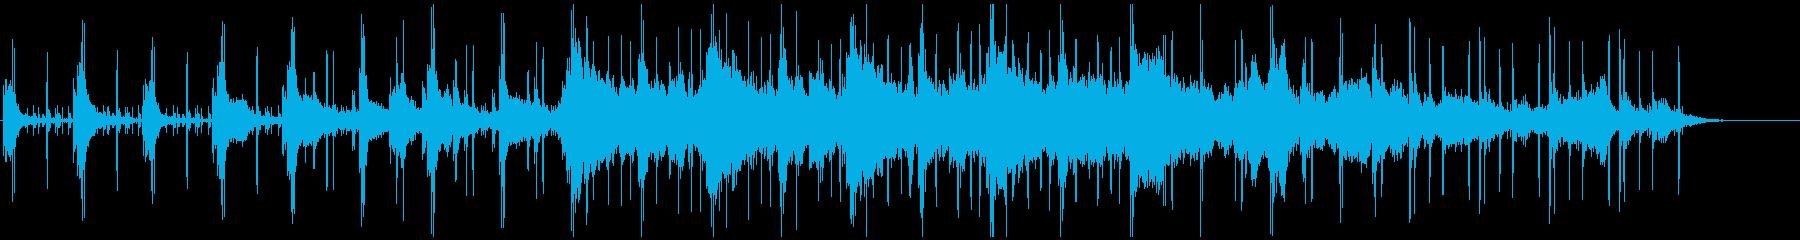 ピアノとビートによるクールなアンビエントの再生済みの波形